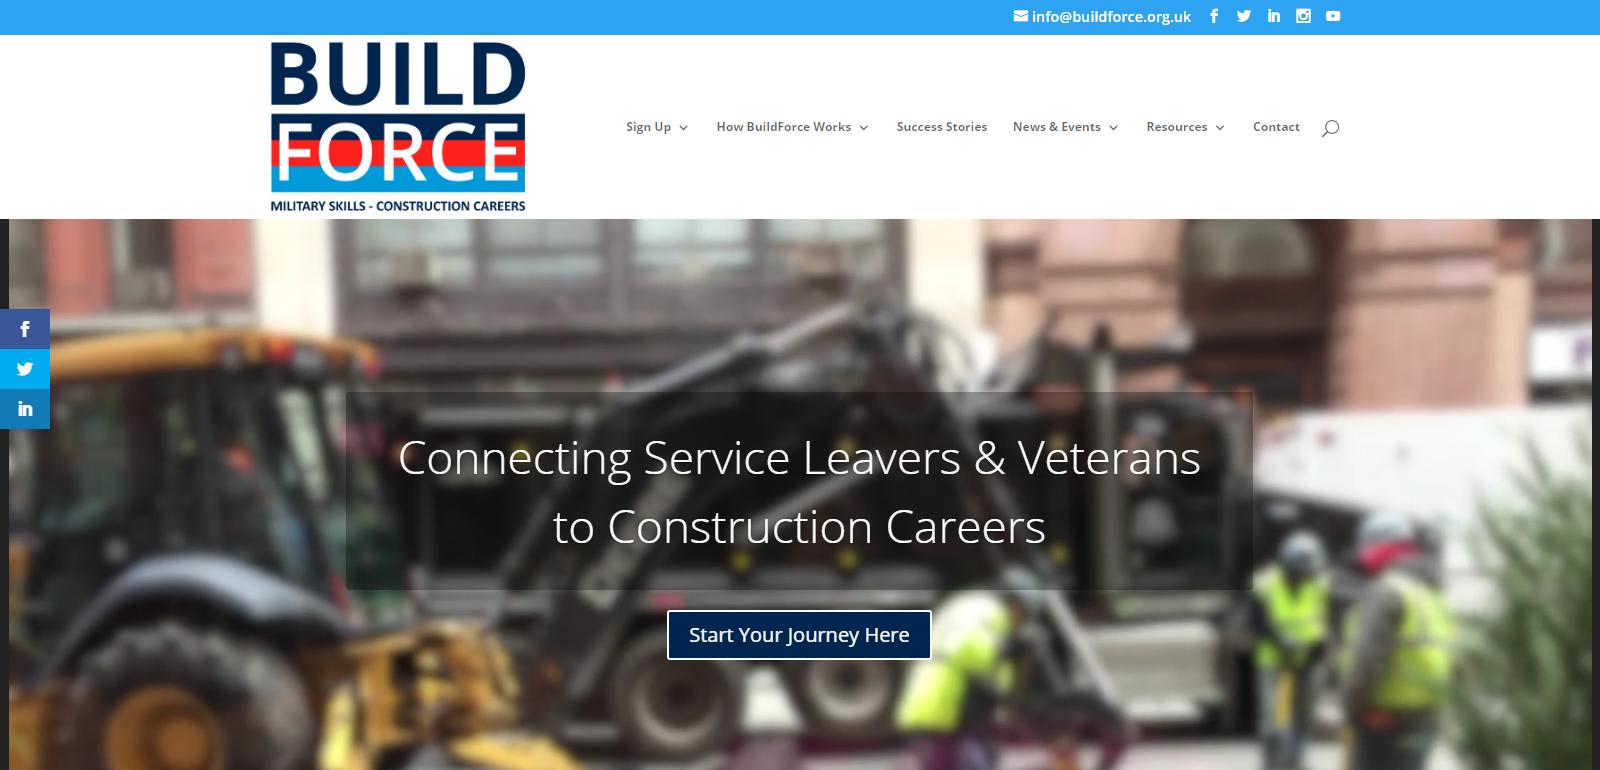 BuildForce Website